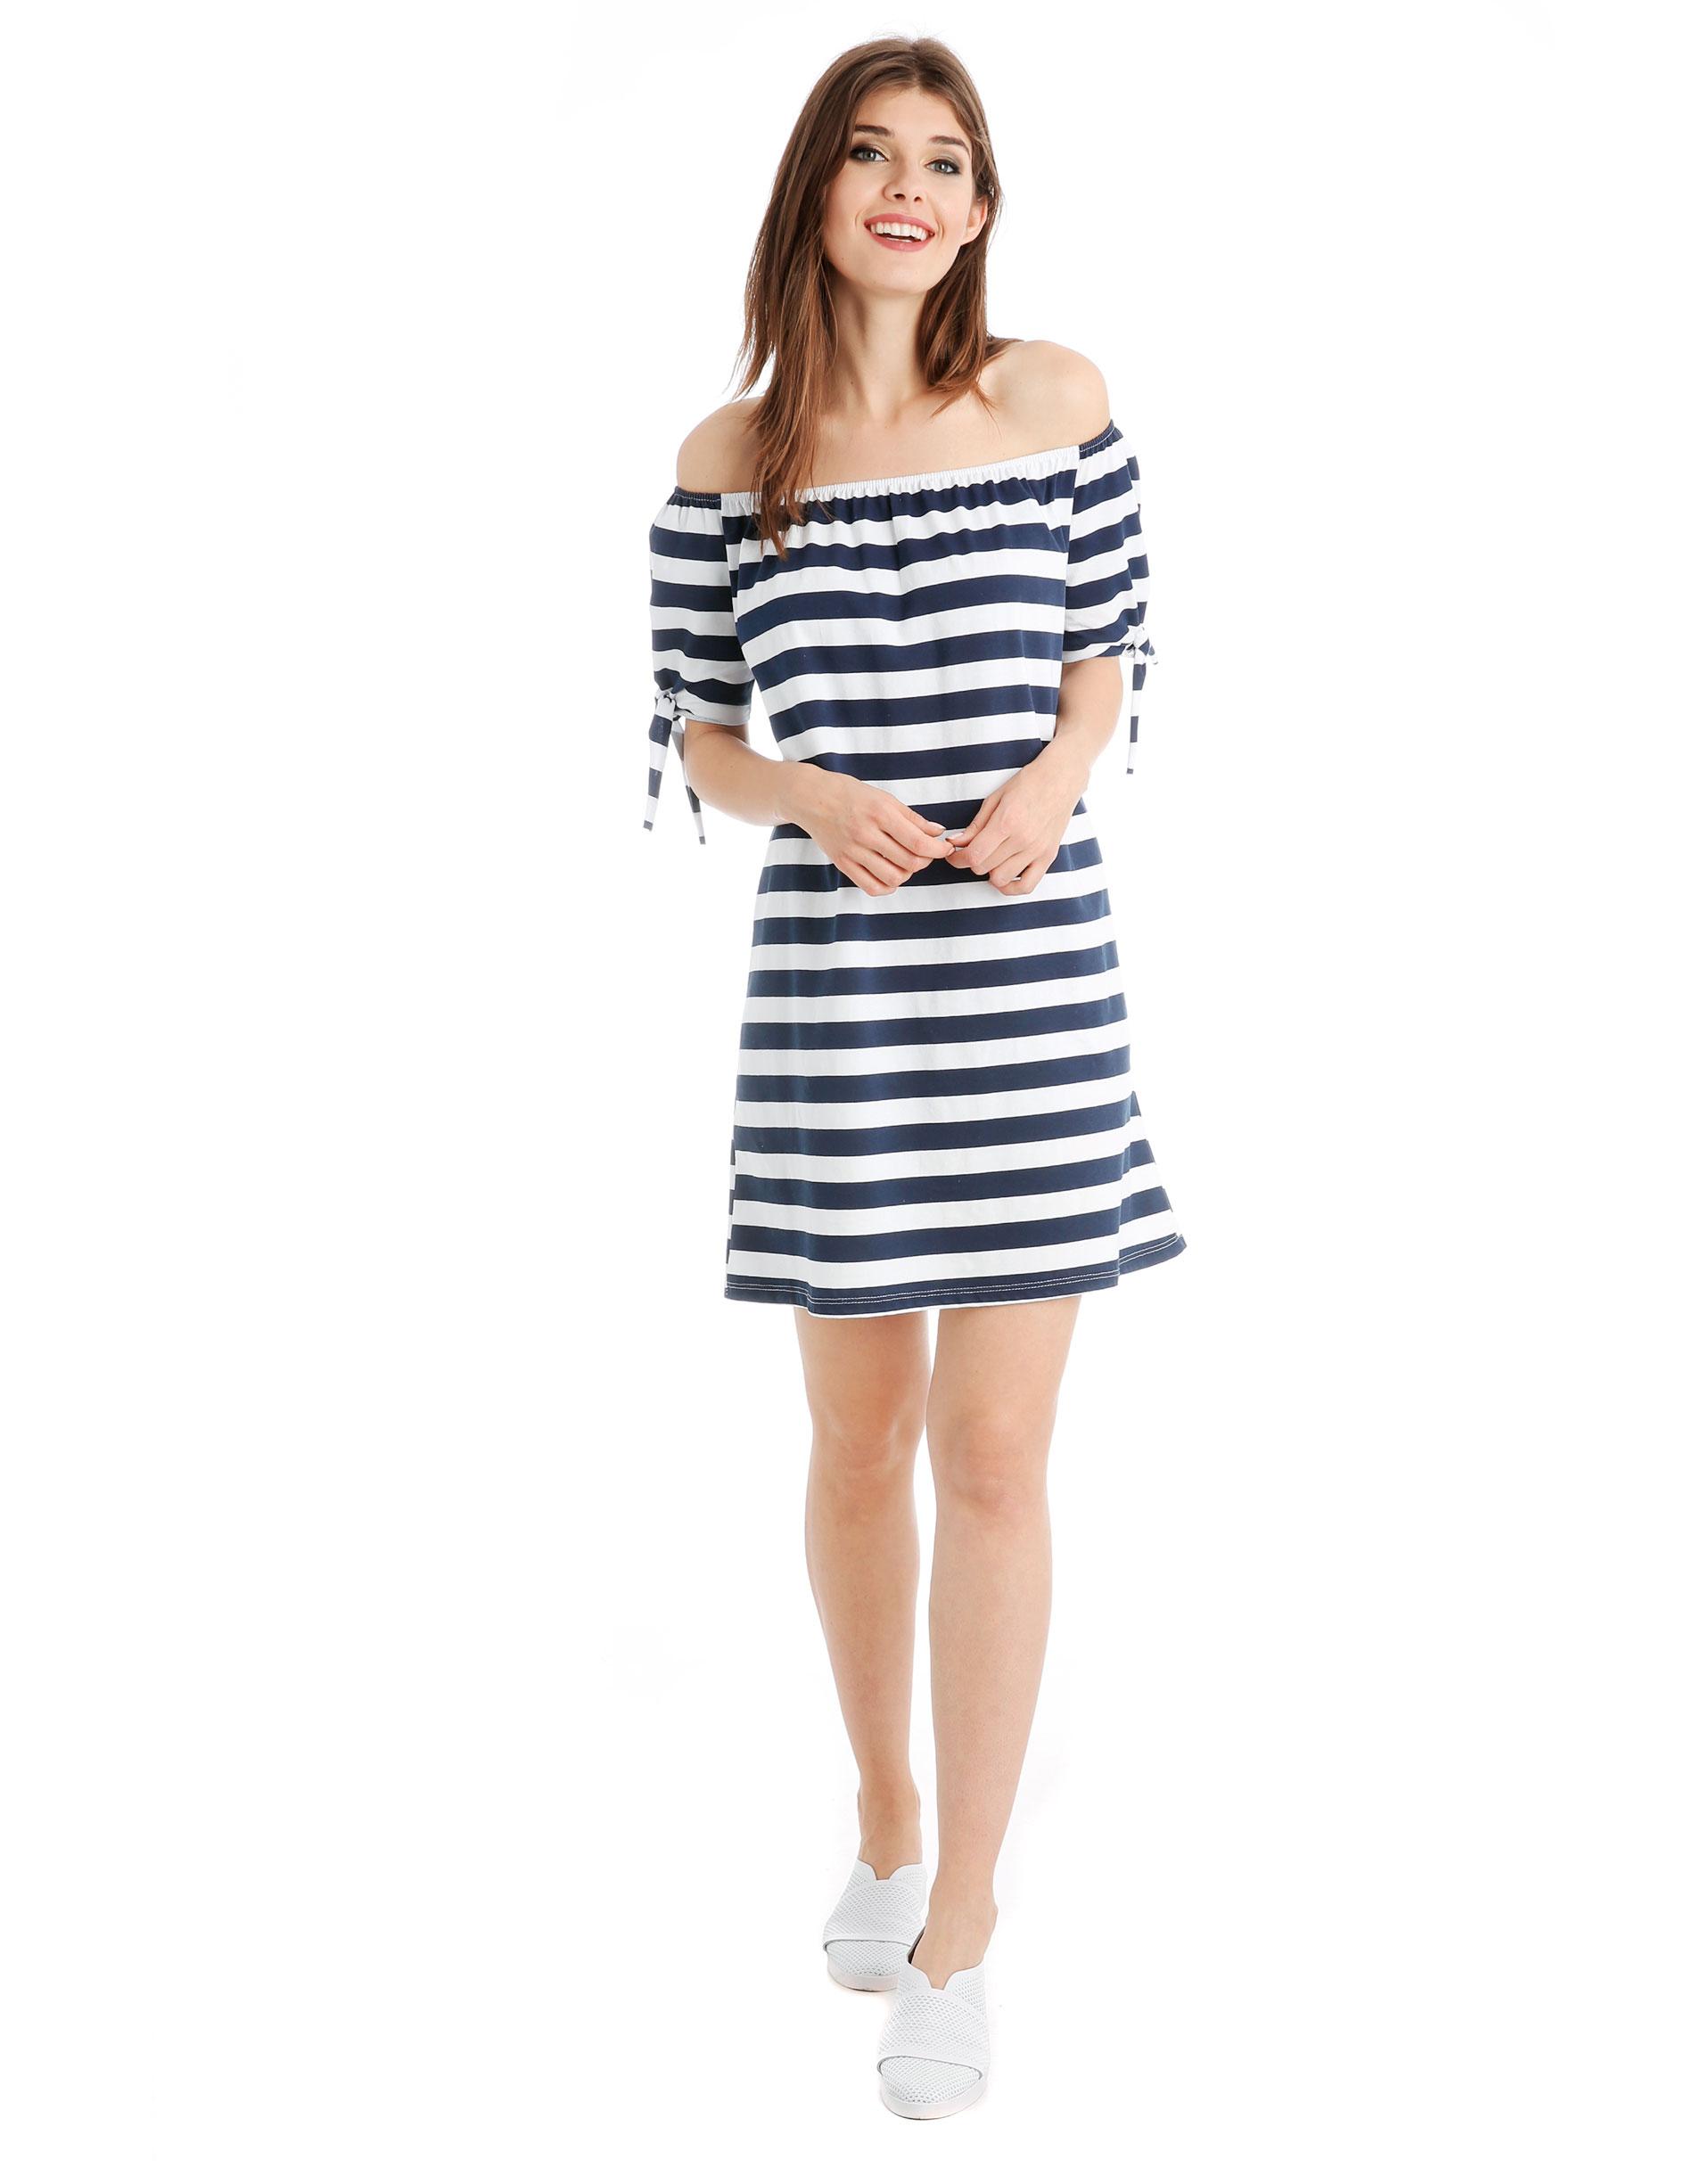 Sukienka - 22-2687 BL-BI - Unisono